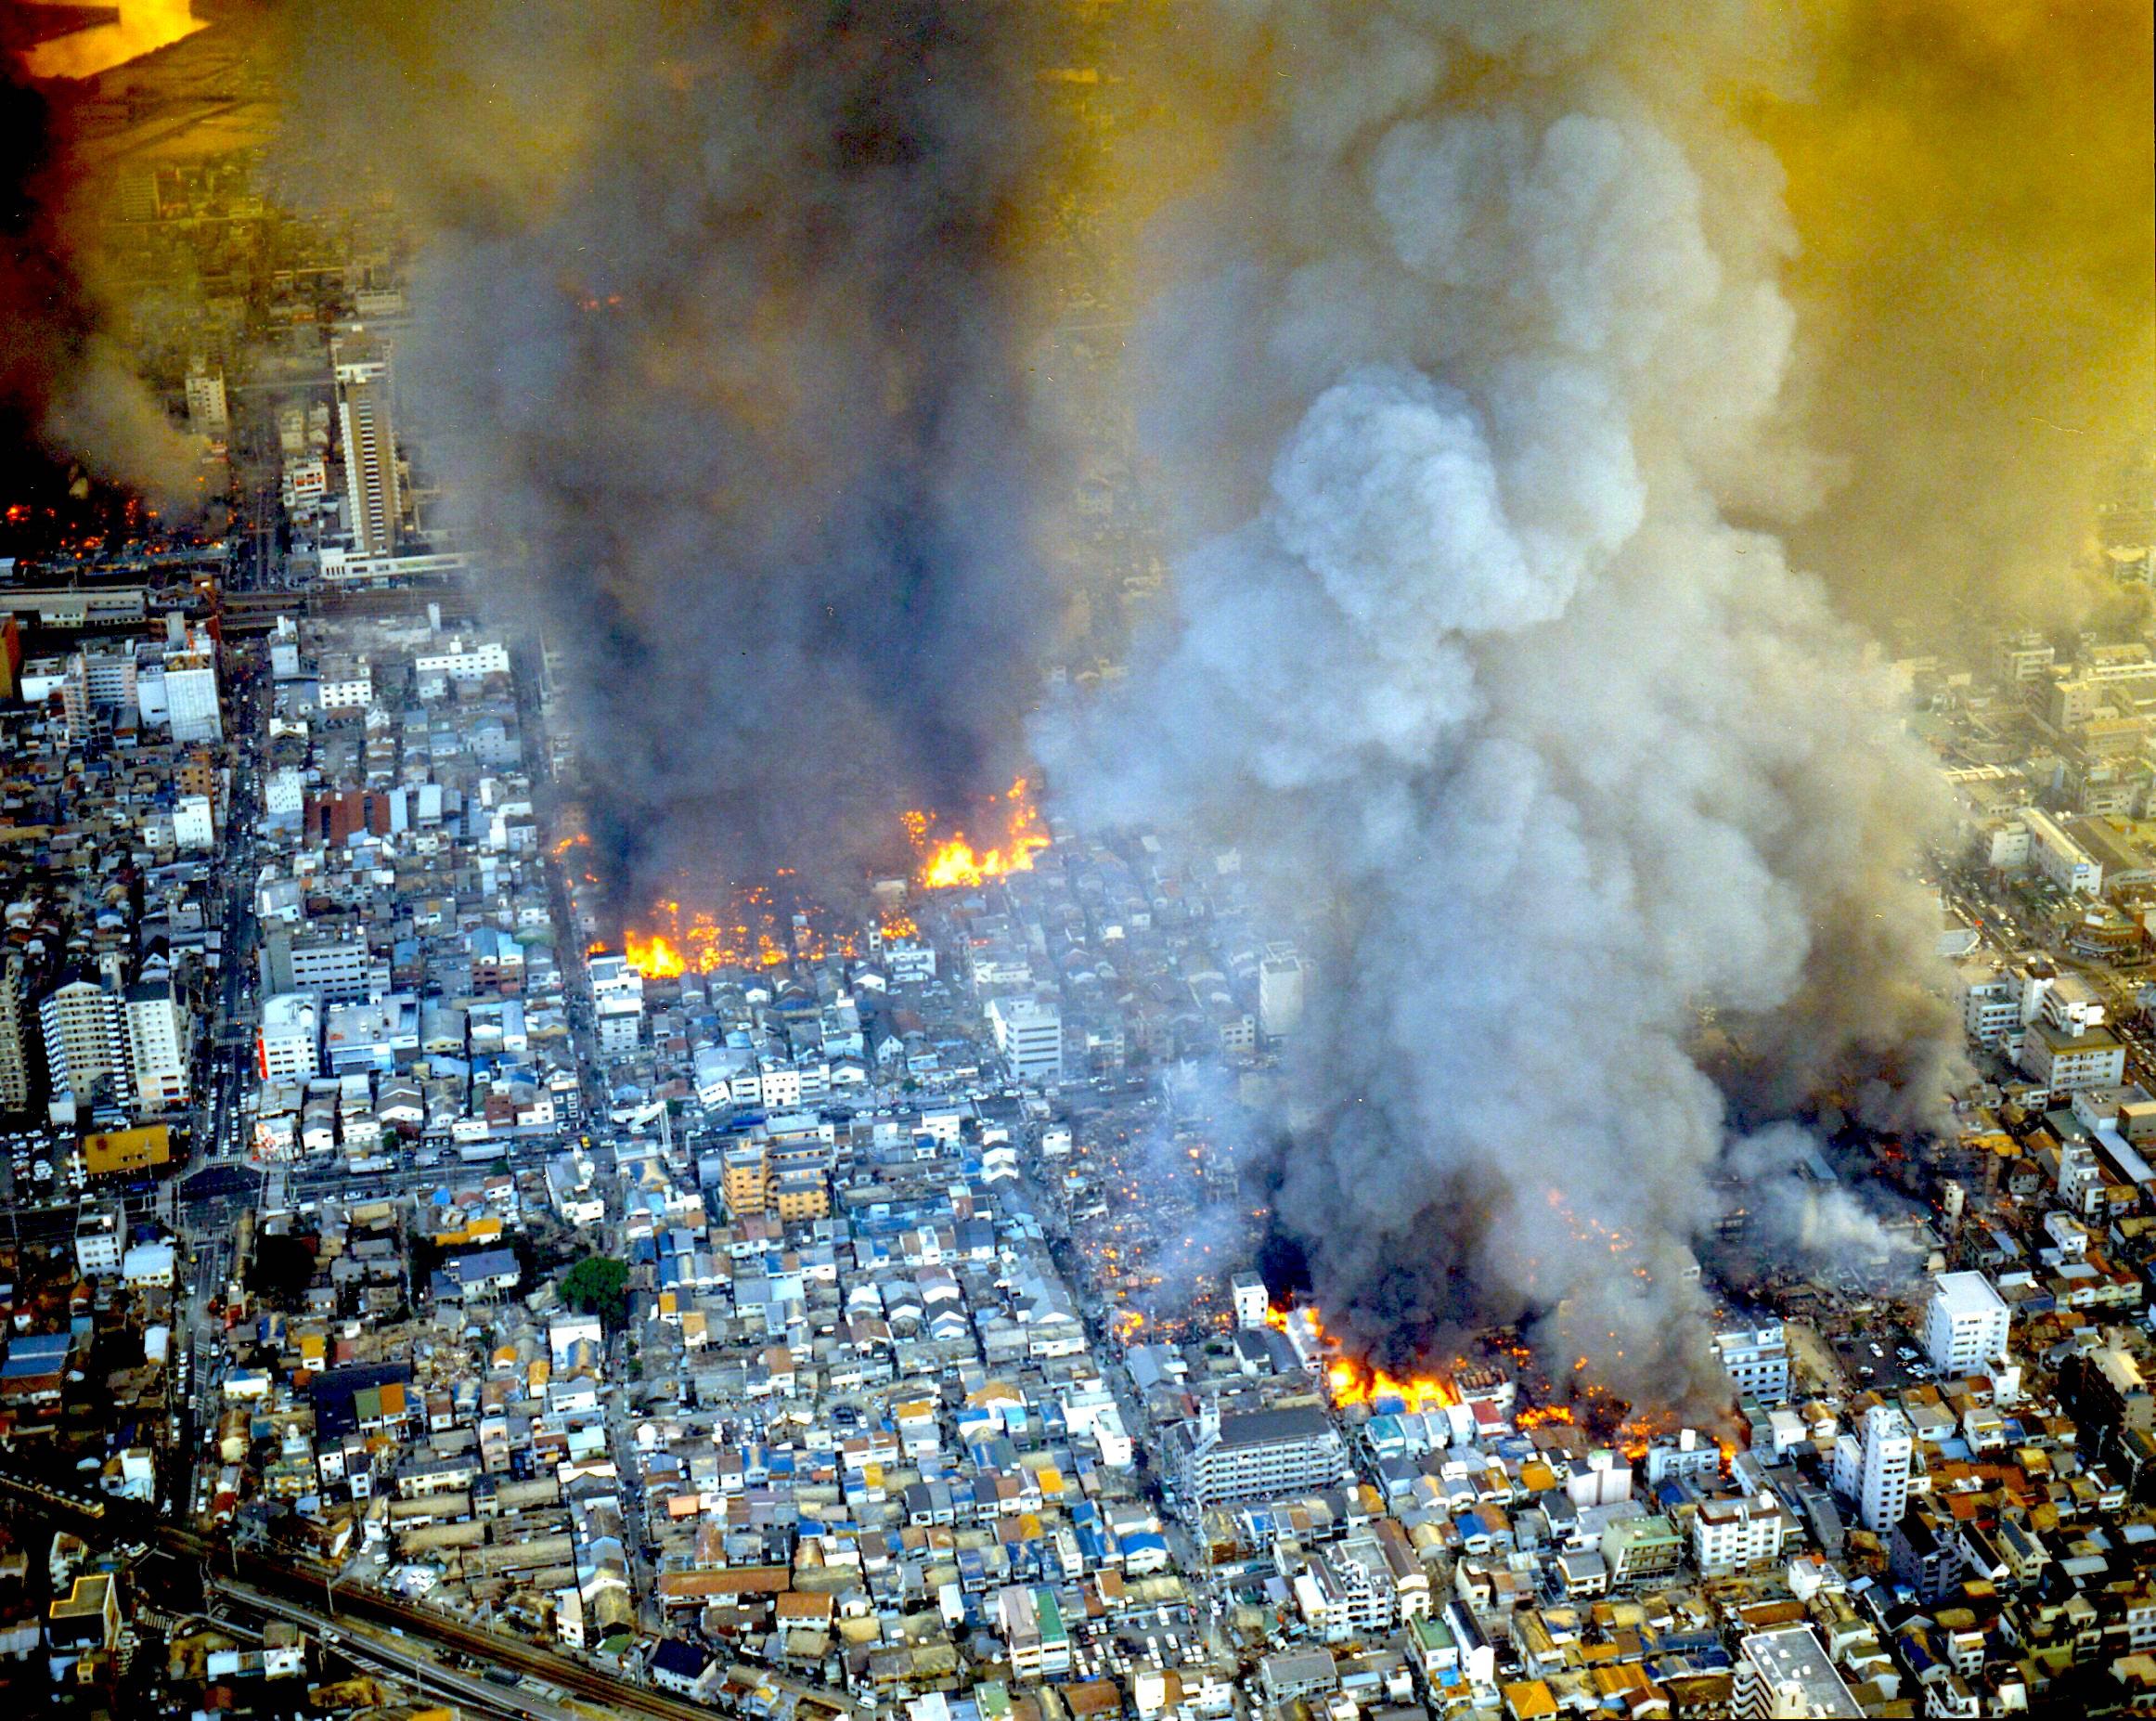 地震発生直後:3842人の意外な死因「なぜ、圧死(即死)はわずか8%だったのか」【阪神・淡路大震災25年目の真実❷】